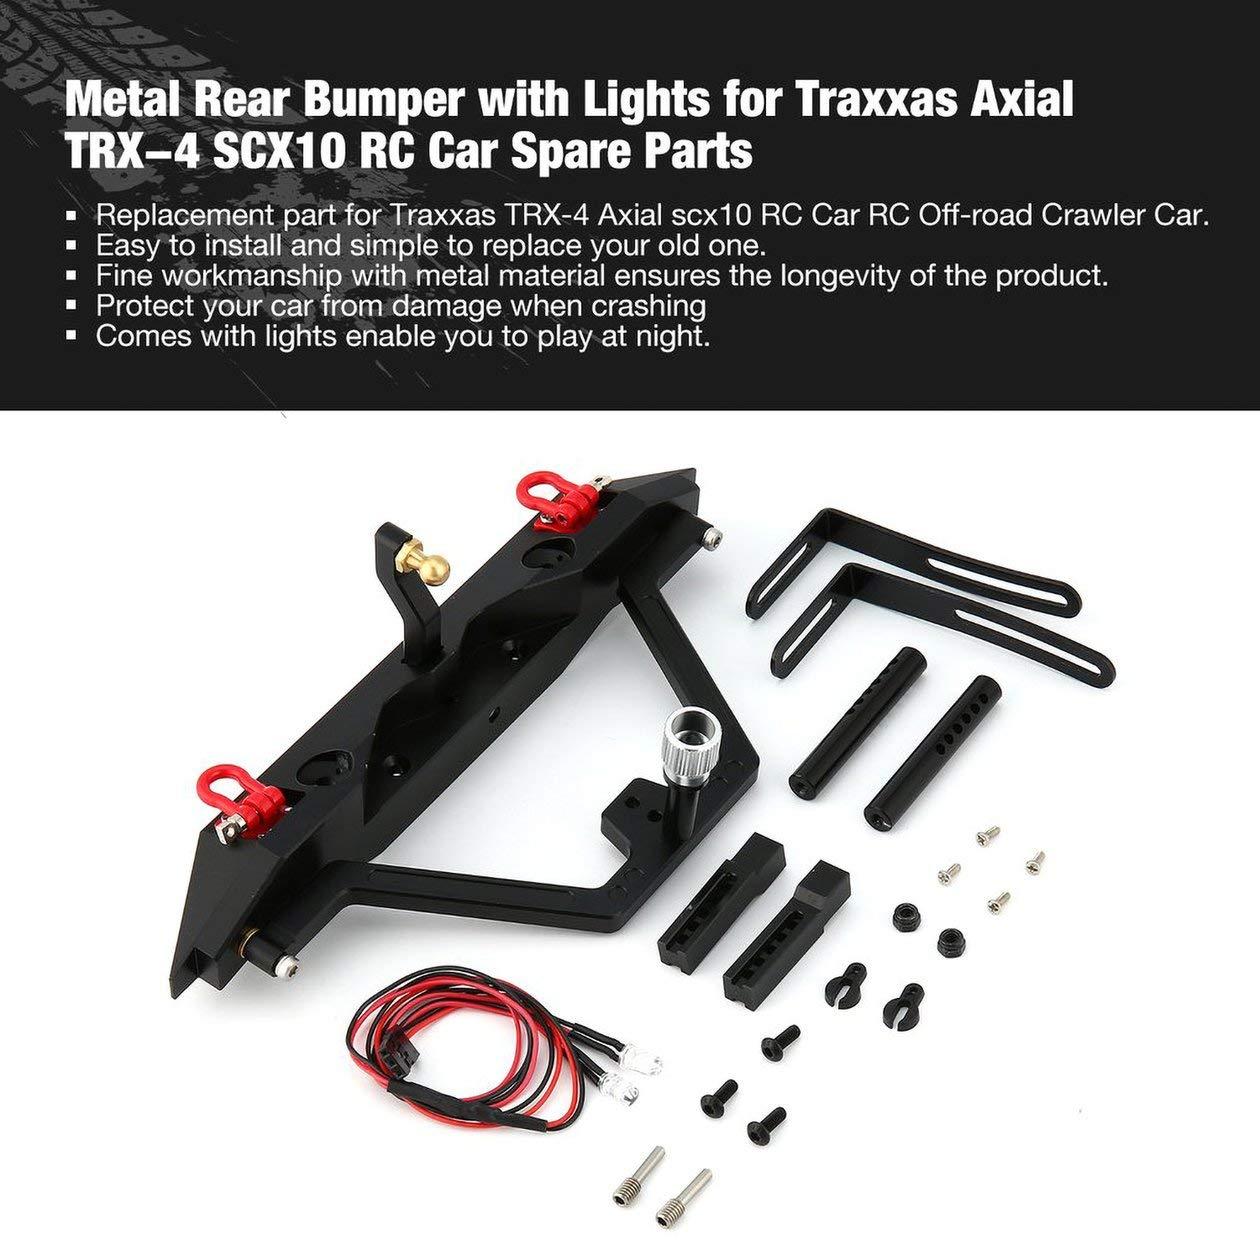 Parachoques trasero met/álico de acero con luces LED para Traxxas Axial SCX10 RC Off-road Crawler Repuestos de accesorios para autom/óviles Componente Negro